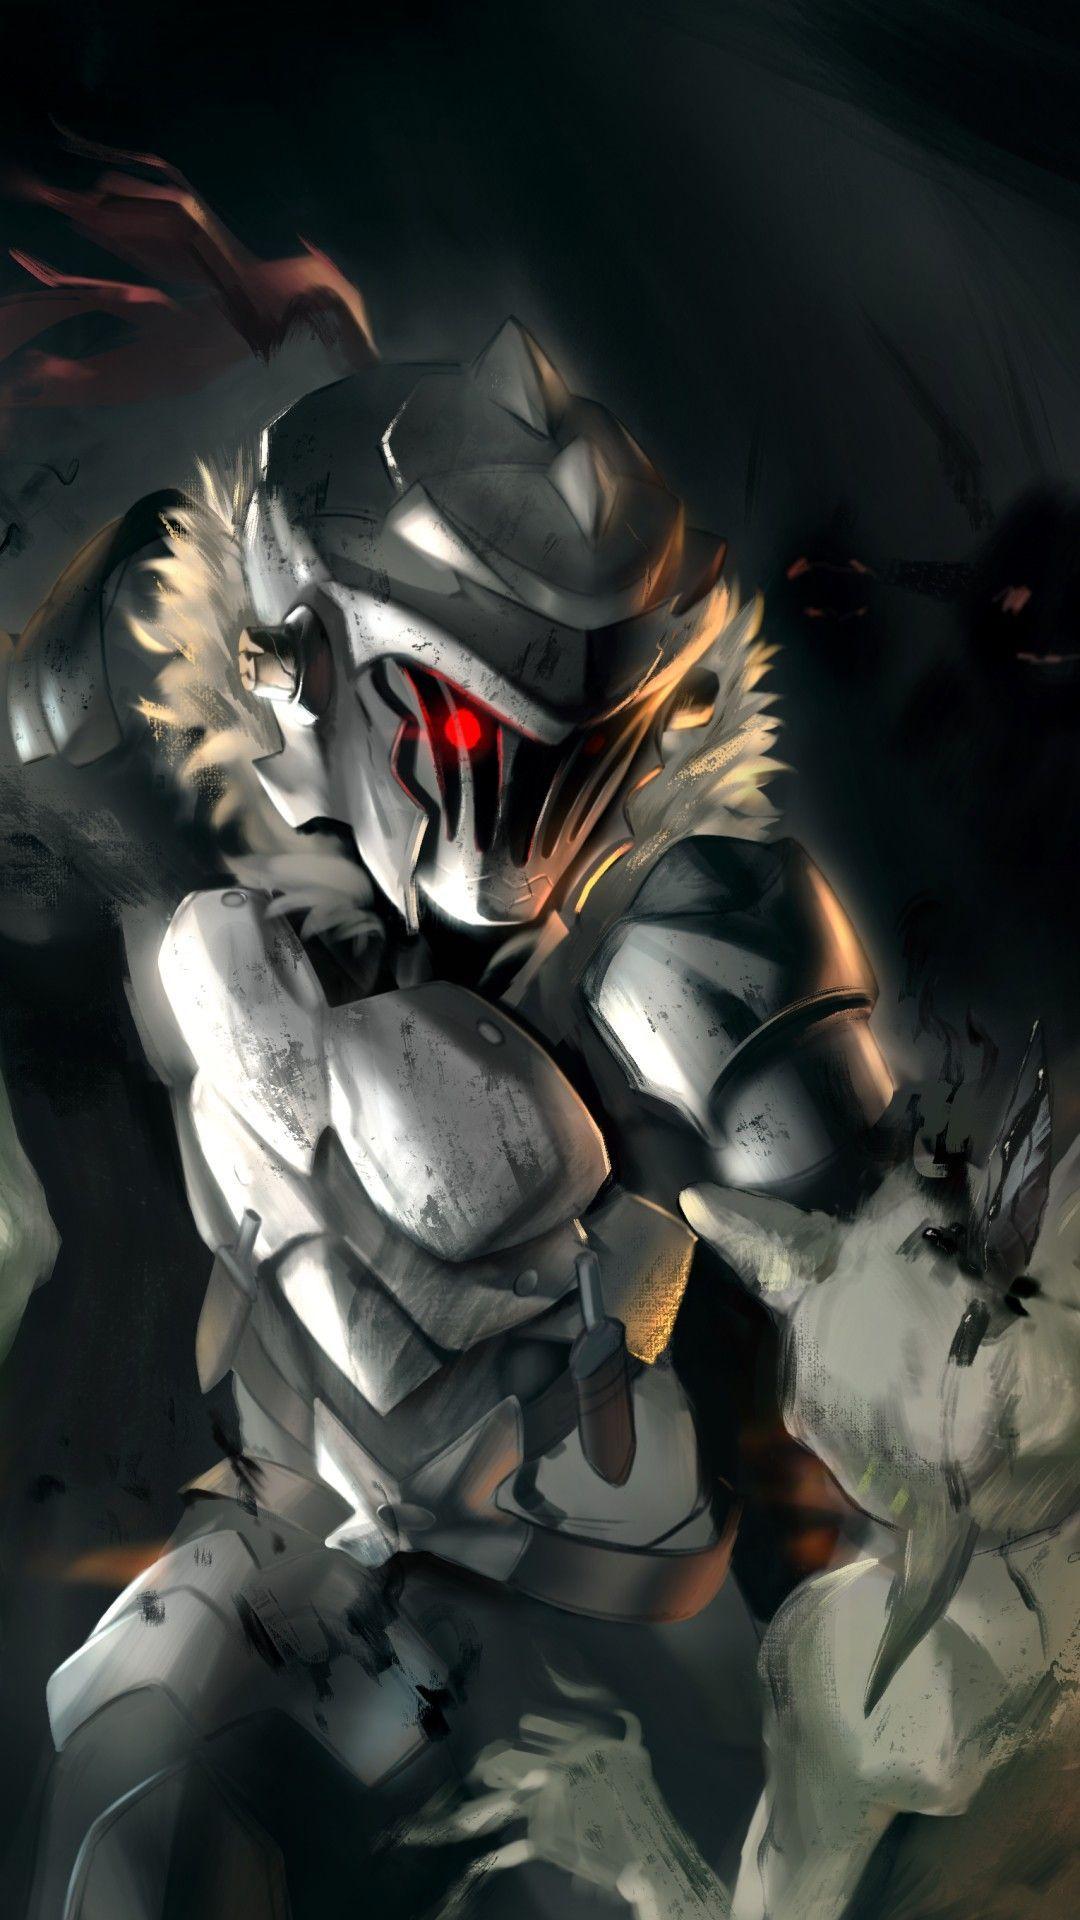 Goblin slayer arte de anime fondo de anime anime rock